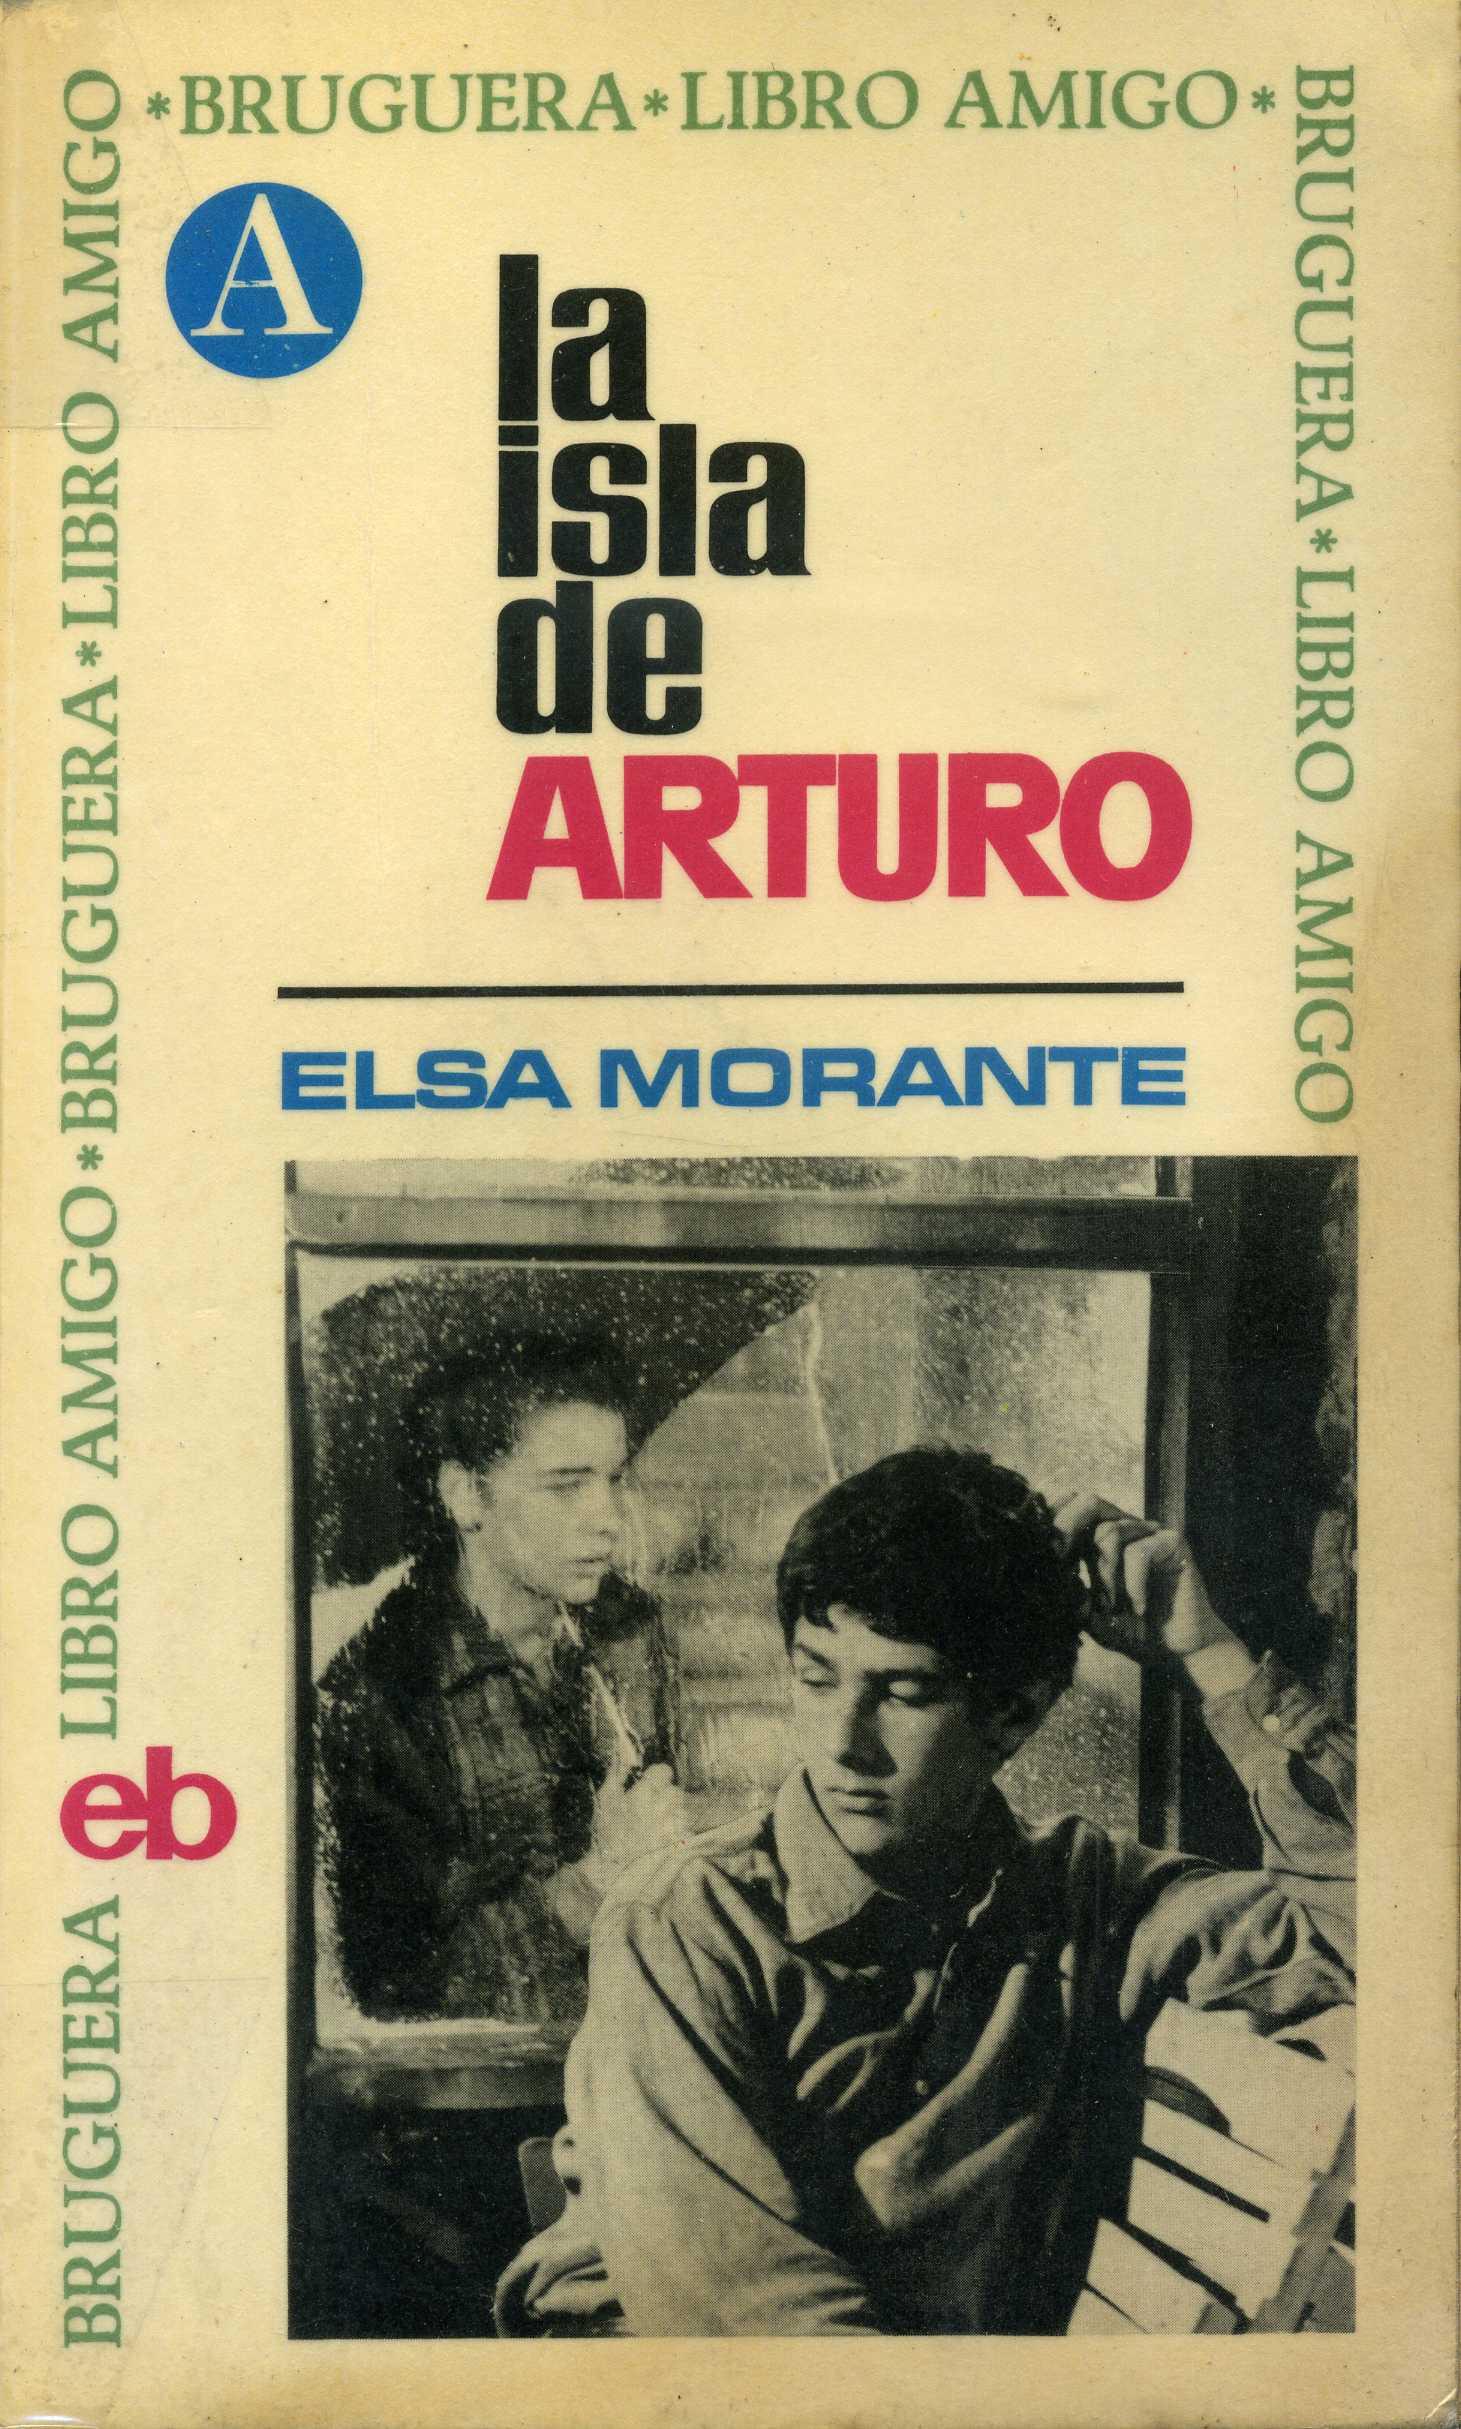 La isla de Arturo